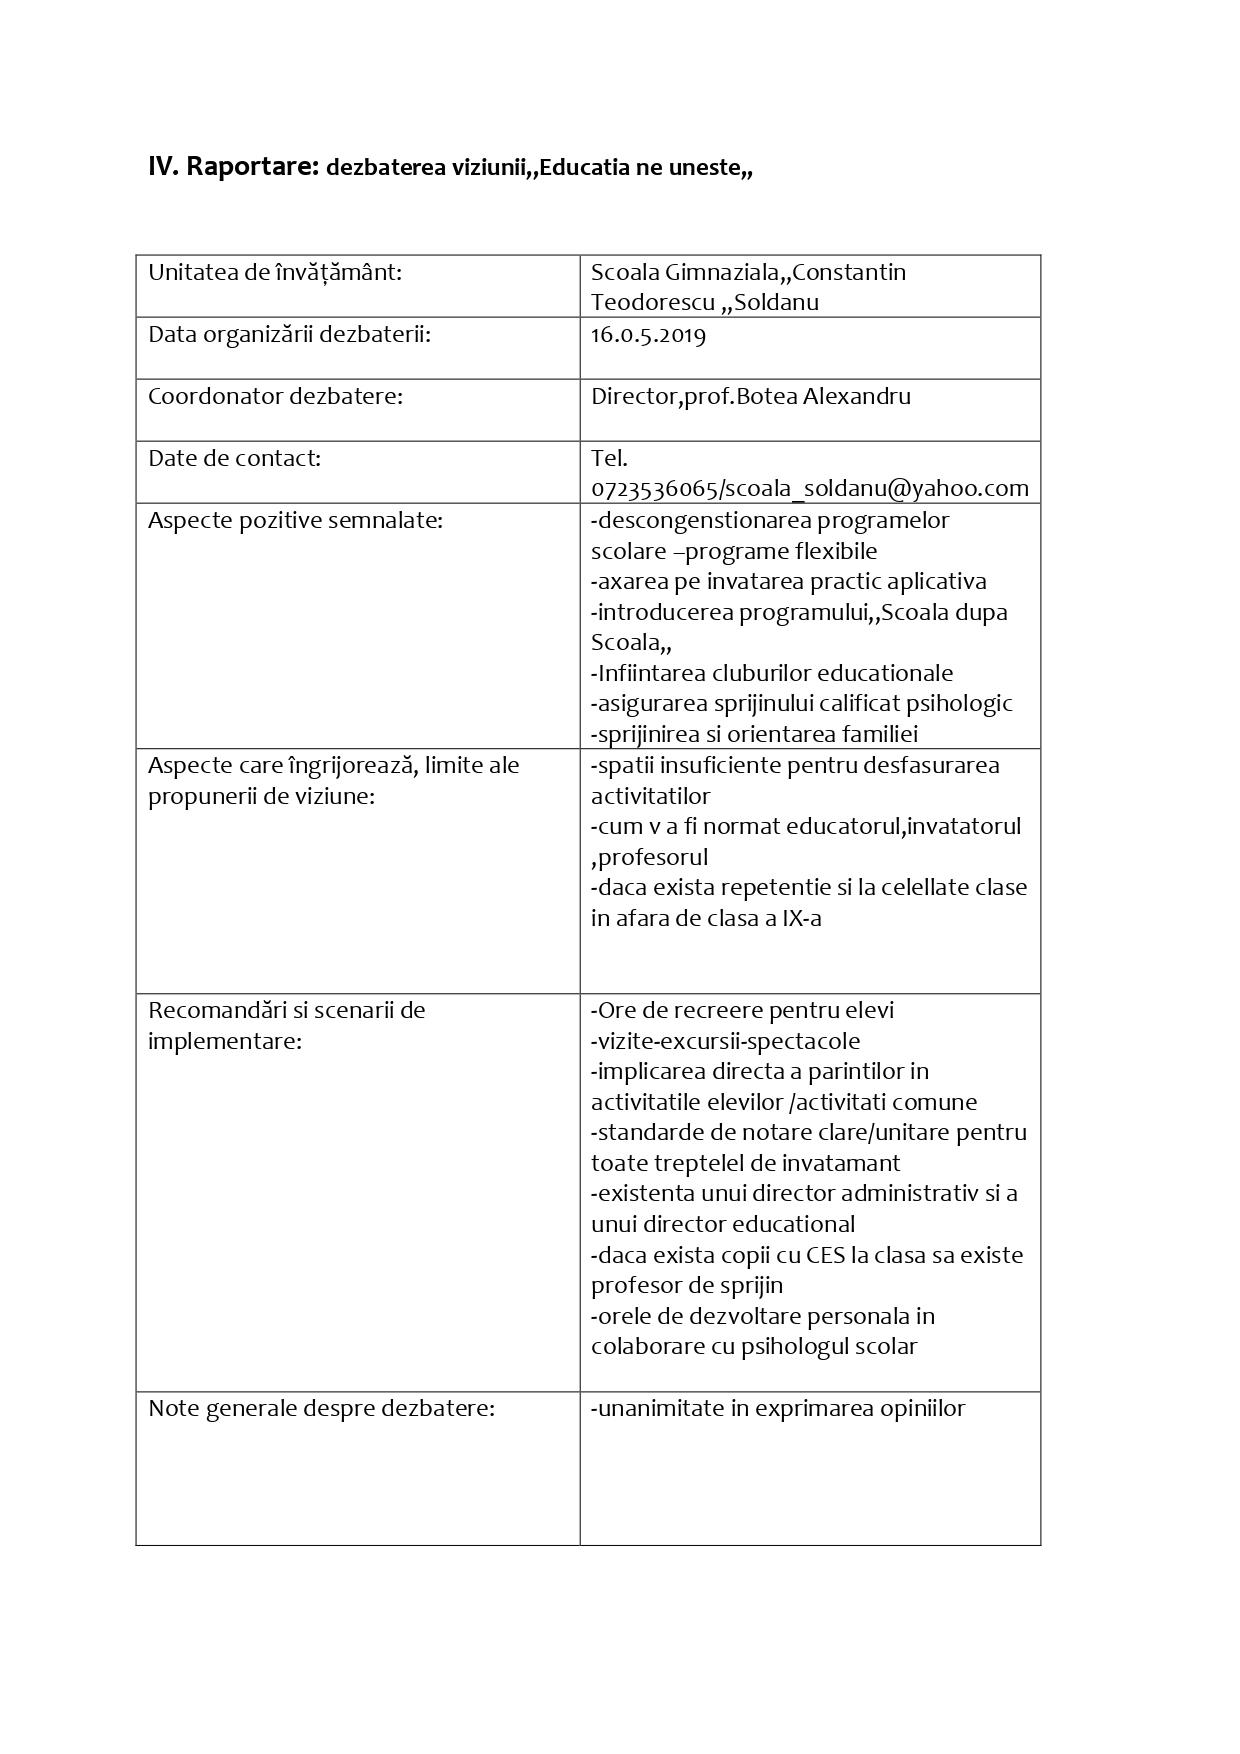 Raportare dezbaterea viziunii Educatia ne uneste page 0001